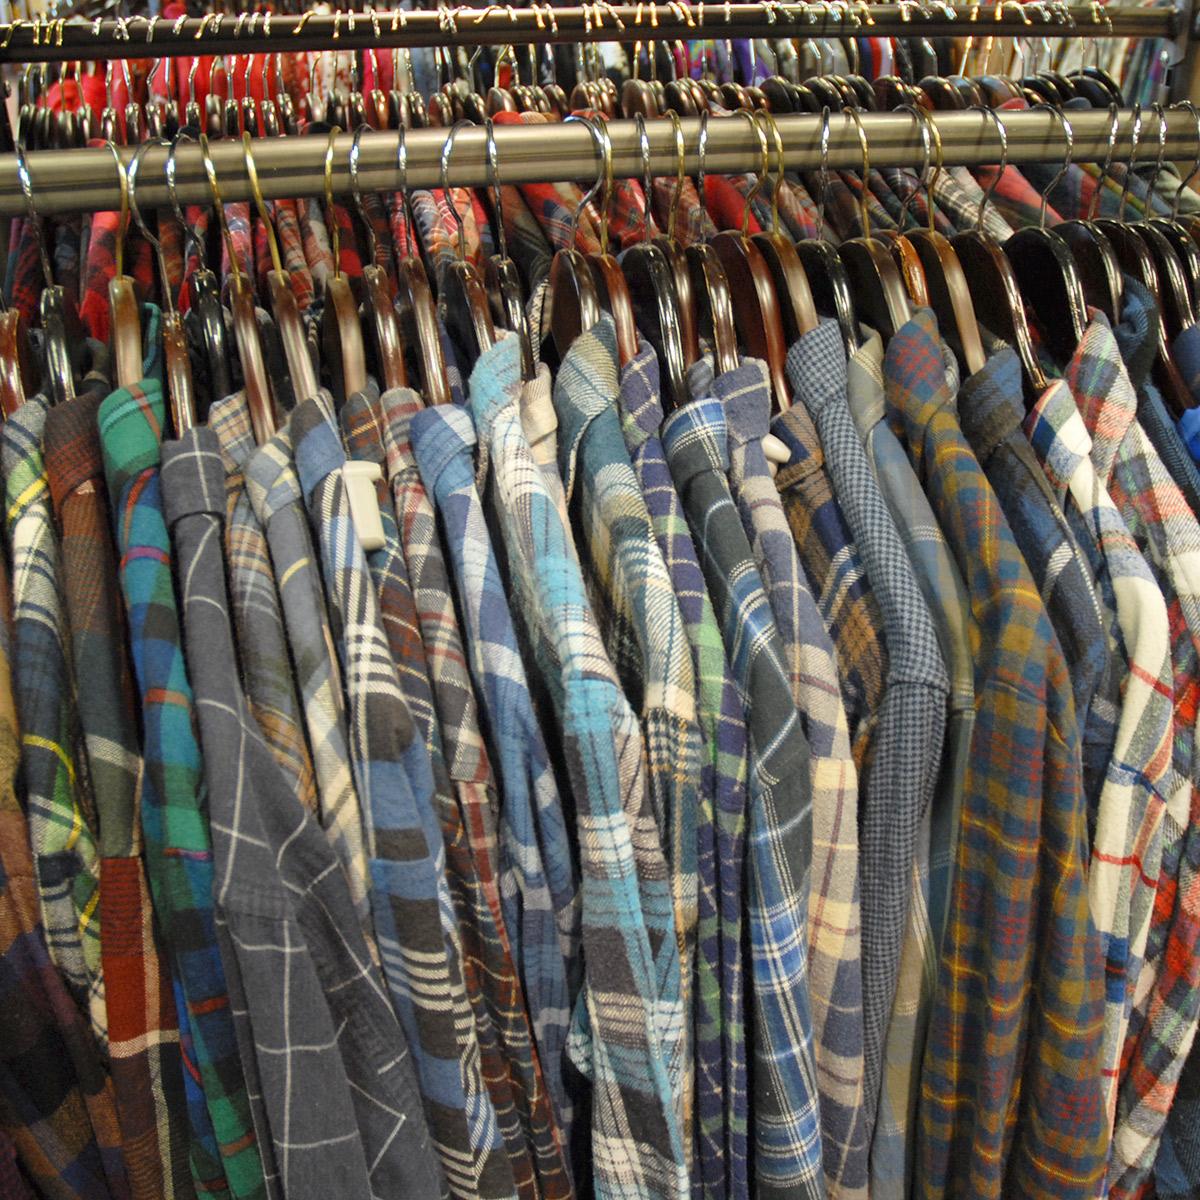 VintageFlannelShirts